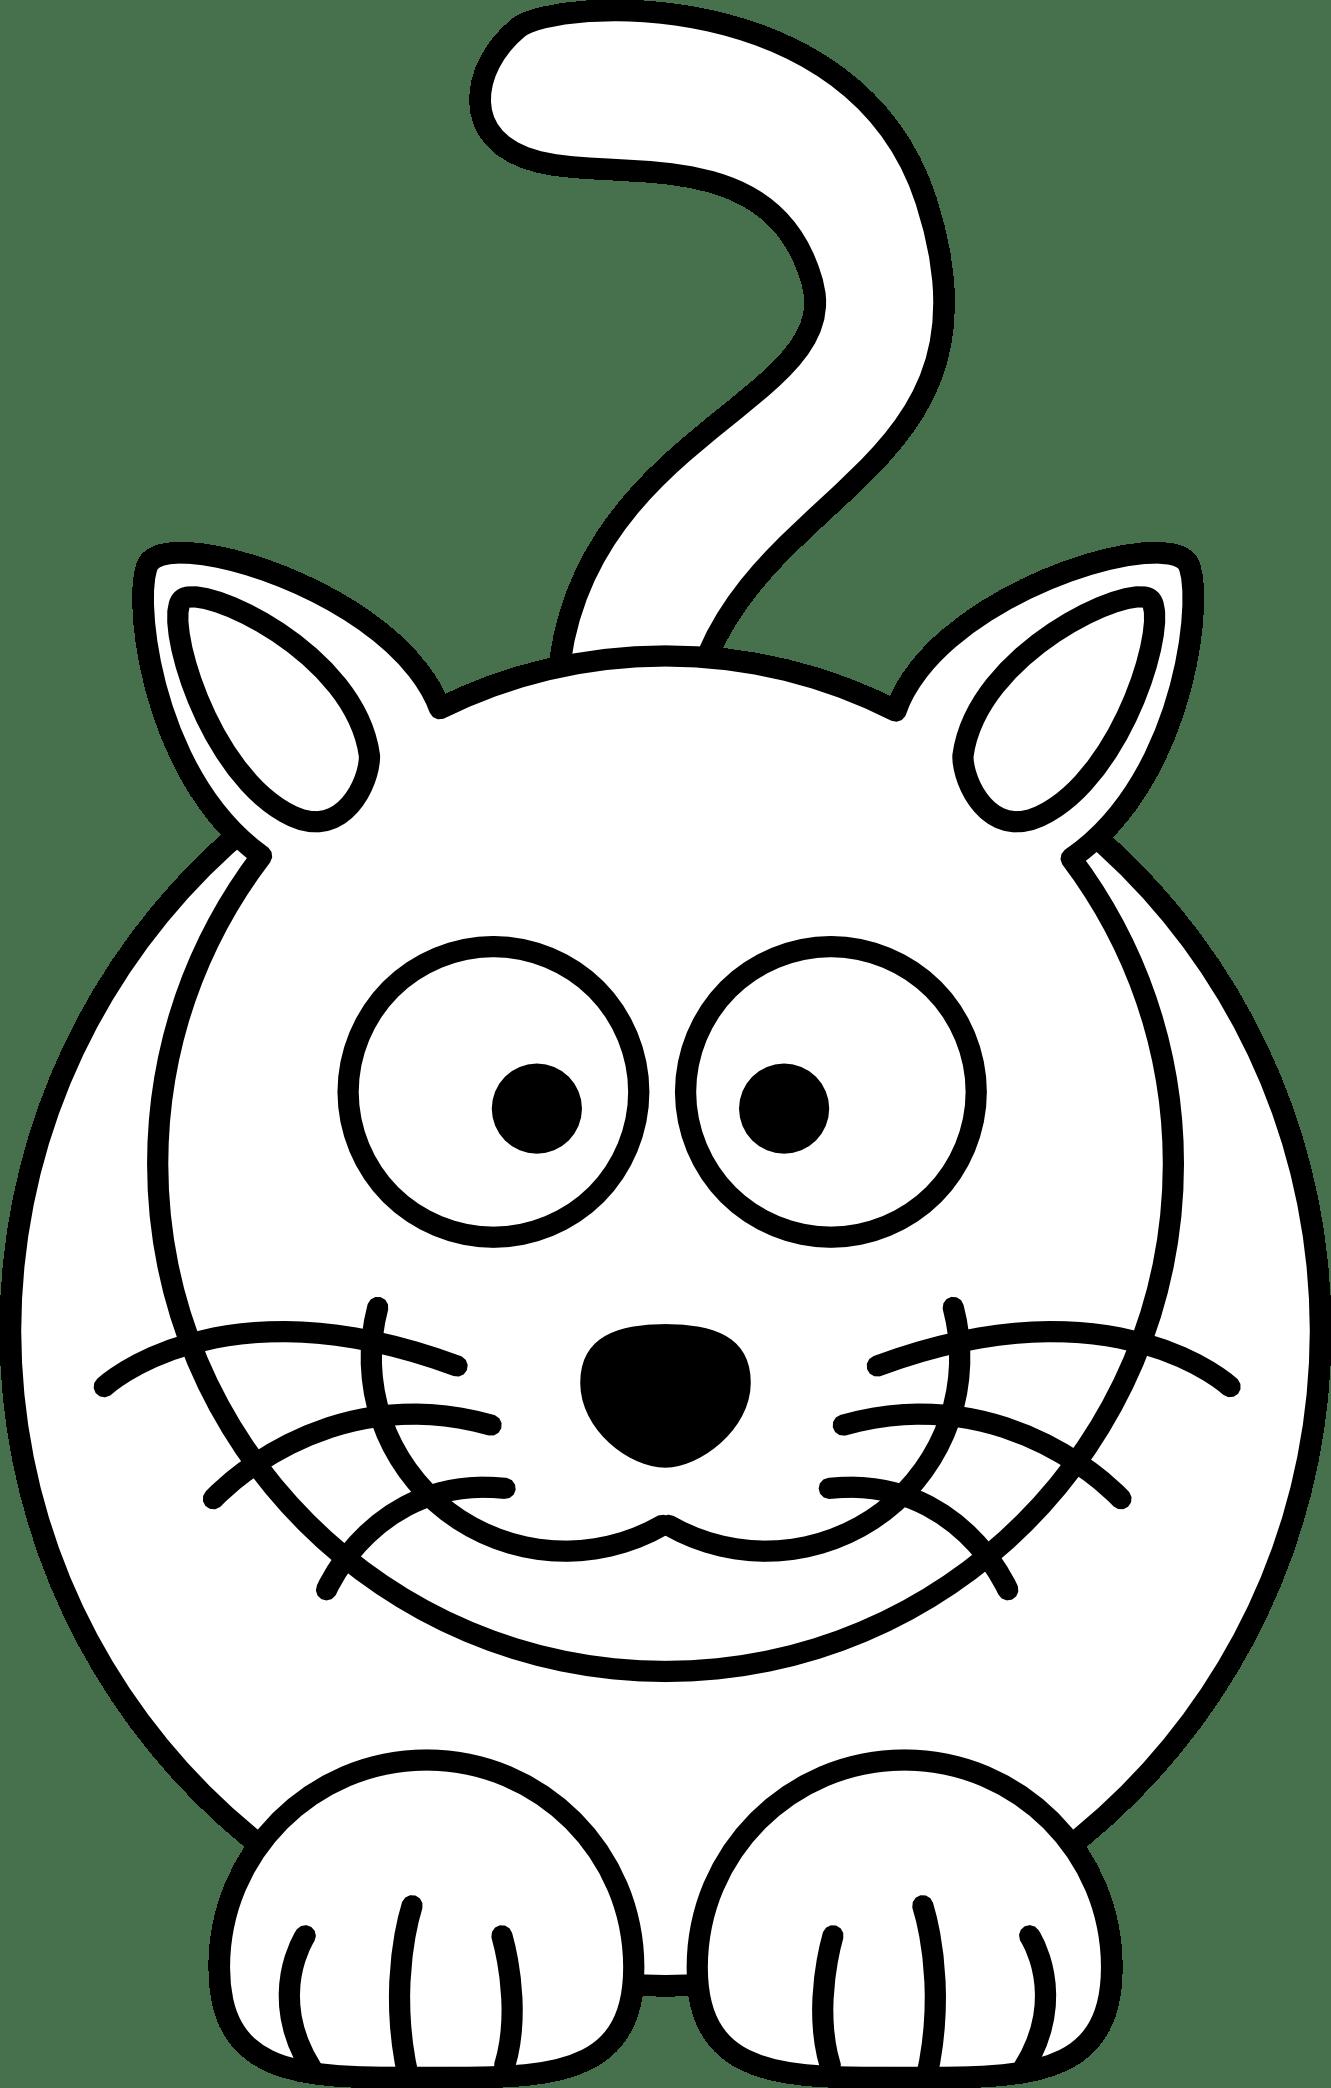 Free Simple Line Drawings